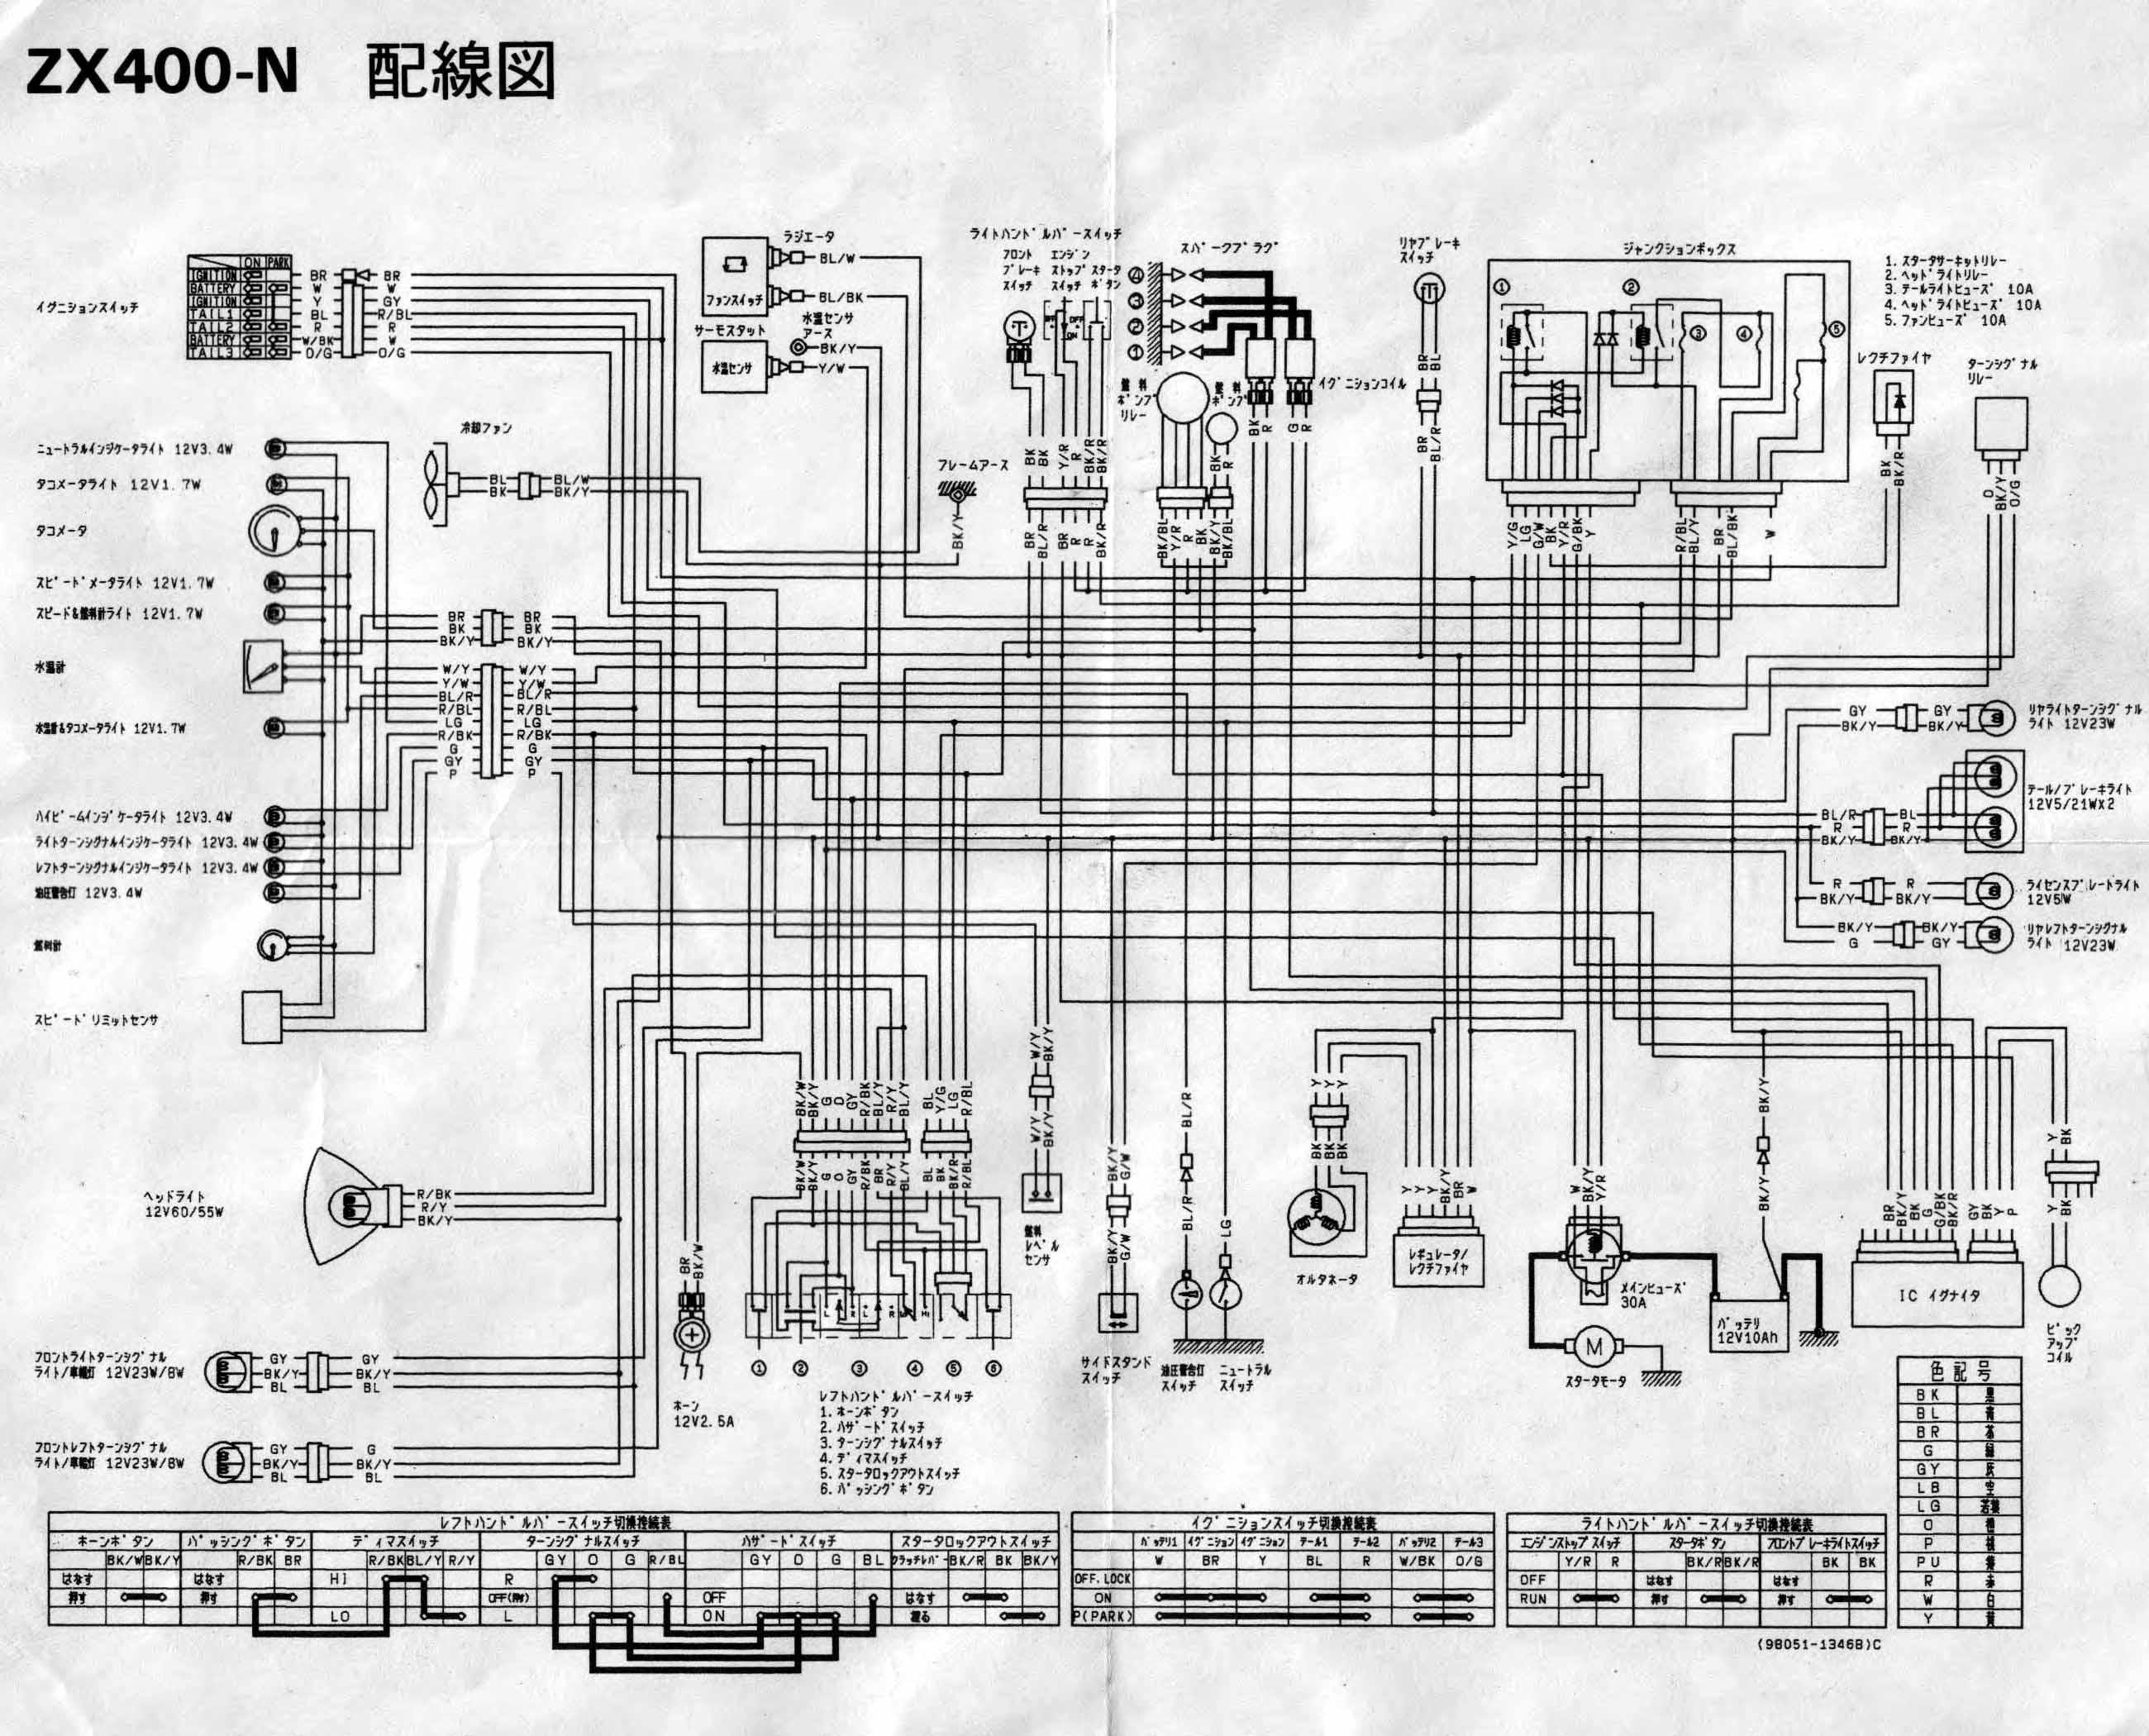 hight resolution of download moto schem kawasaki zx400n zzr400 moto schem kawasaki zx400n zzr400